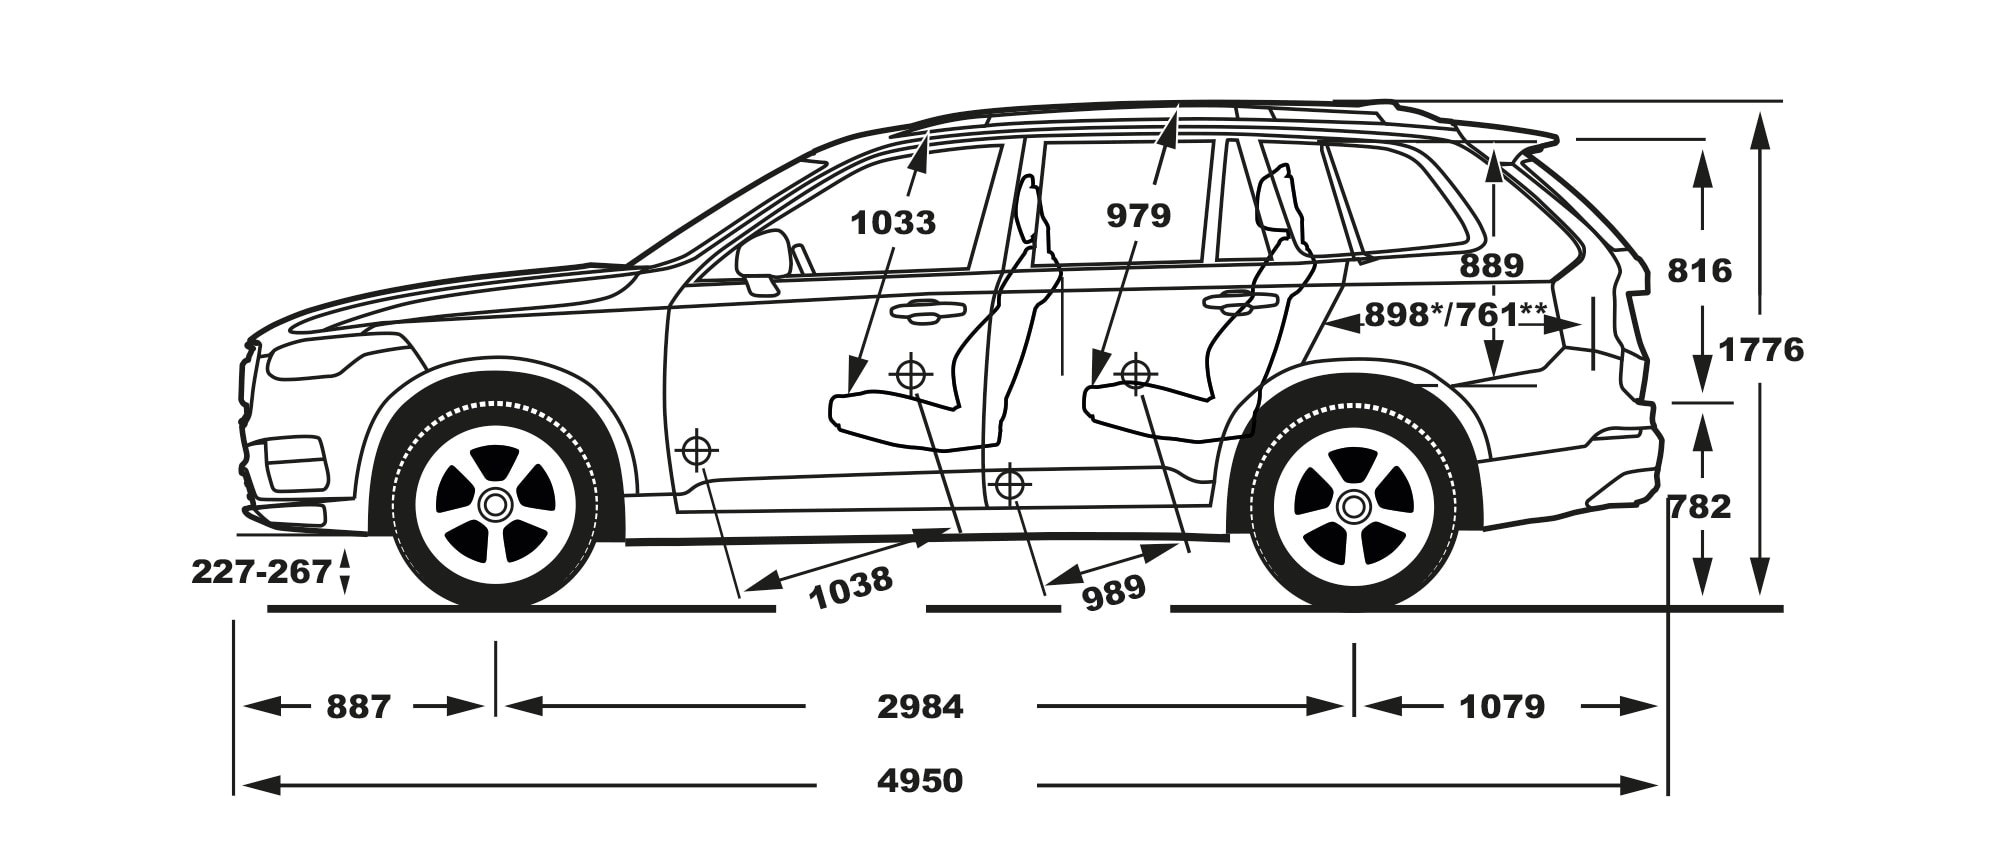 Abmessungen Volvo Cars Schweiz